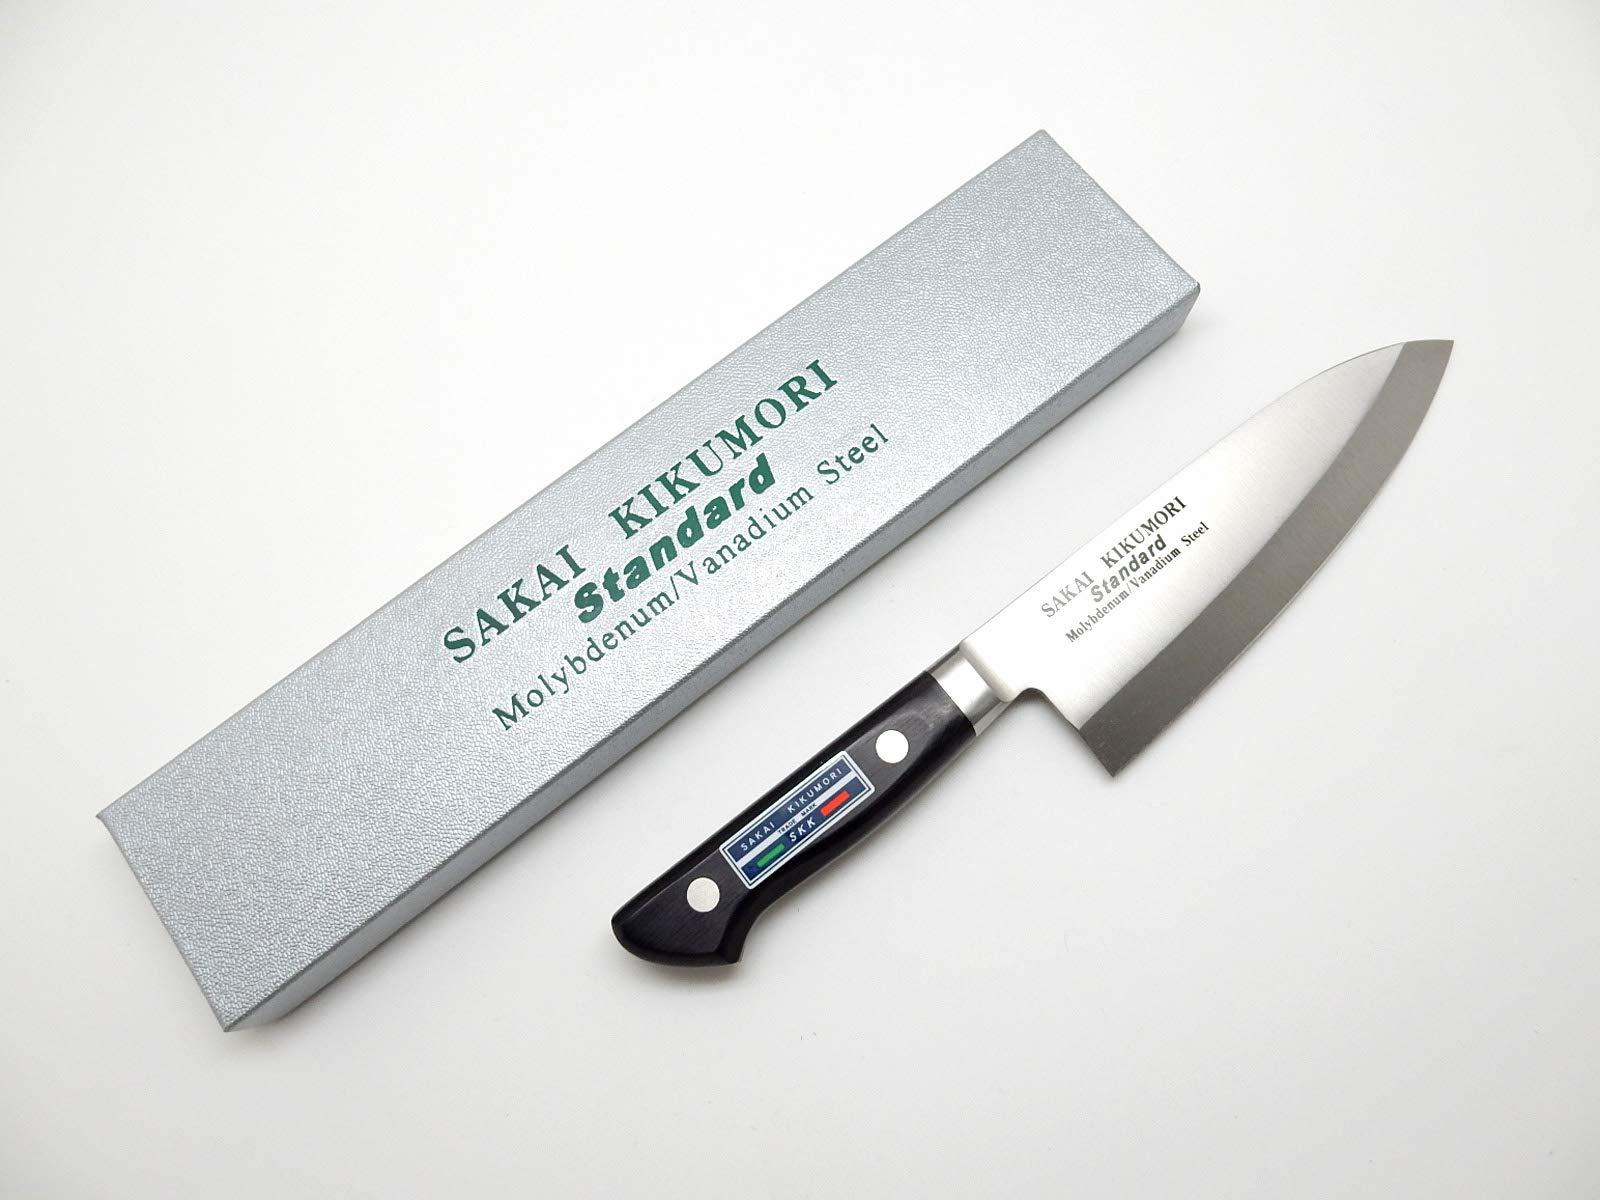 SAKAI KIKUMORI Standard Molybdenum/Vanadium Steel, Japanese Deba Knife 165mm/6.5'' by SAKAI KIKUMORI (Image #7)